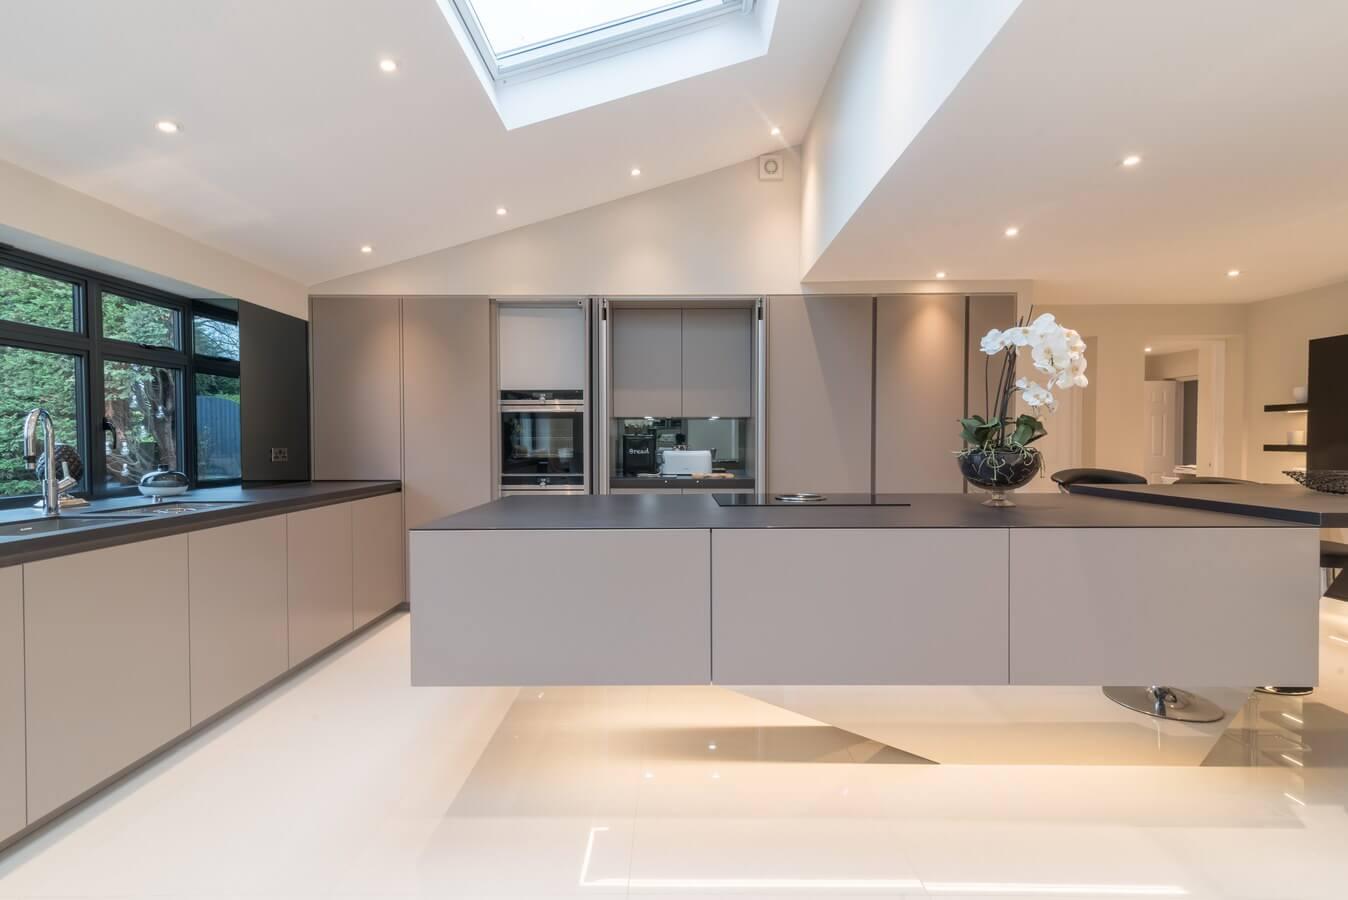 Kitchen-Pocket-Doors-Hidden-Oven.jpg